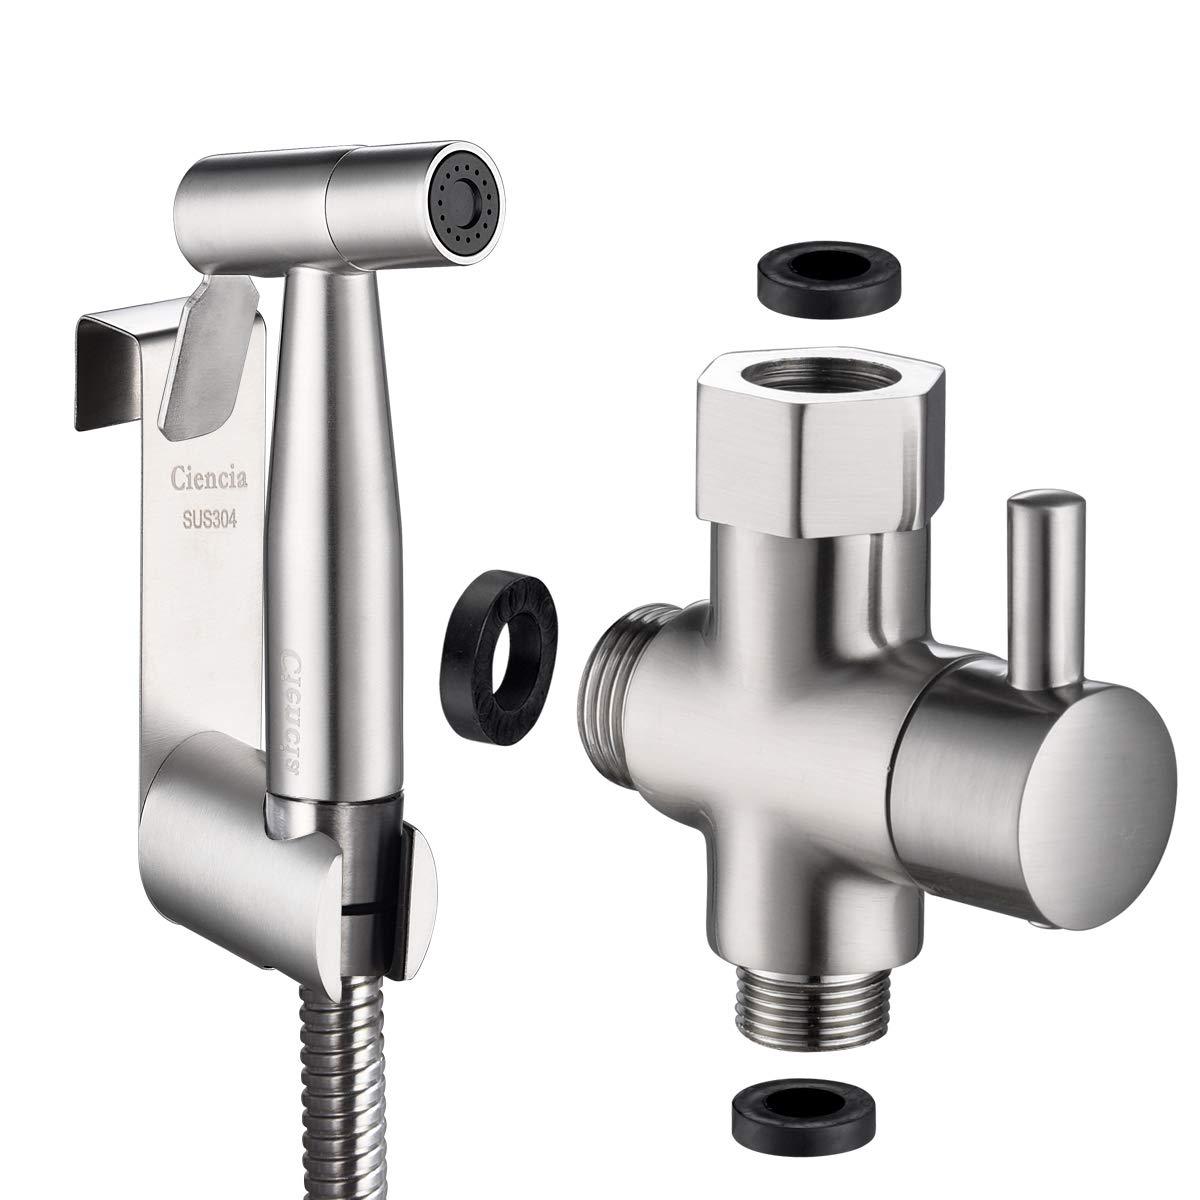 Kit de ducha de acero inoxidable con v/álvula de inodoro de 3 v/ías 3//8-12//17 y manguera de ducha de 1,2 m ideal para inodoro suspendido Tecmolog WS024F8